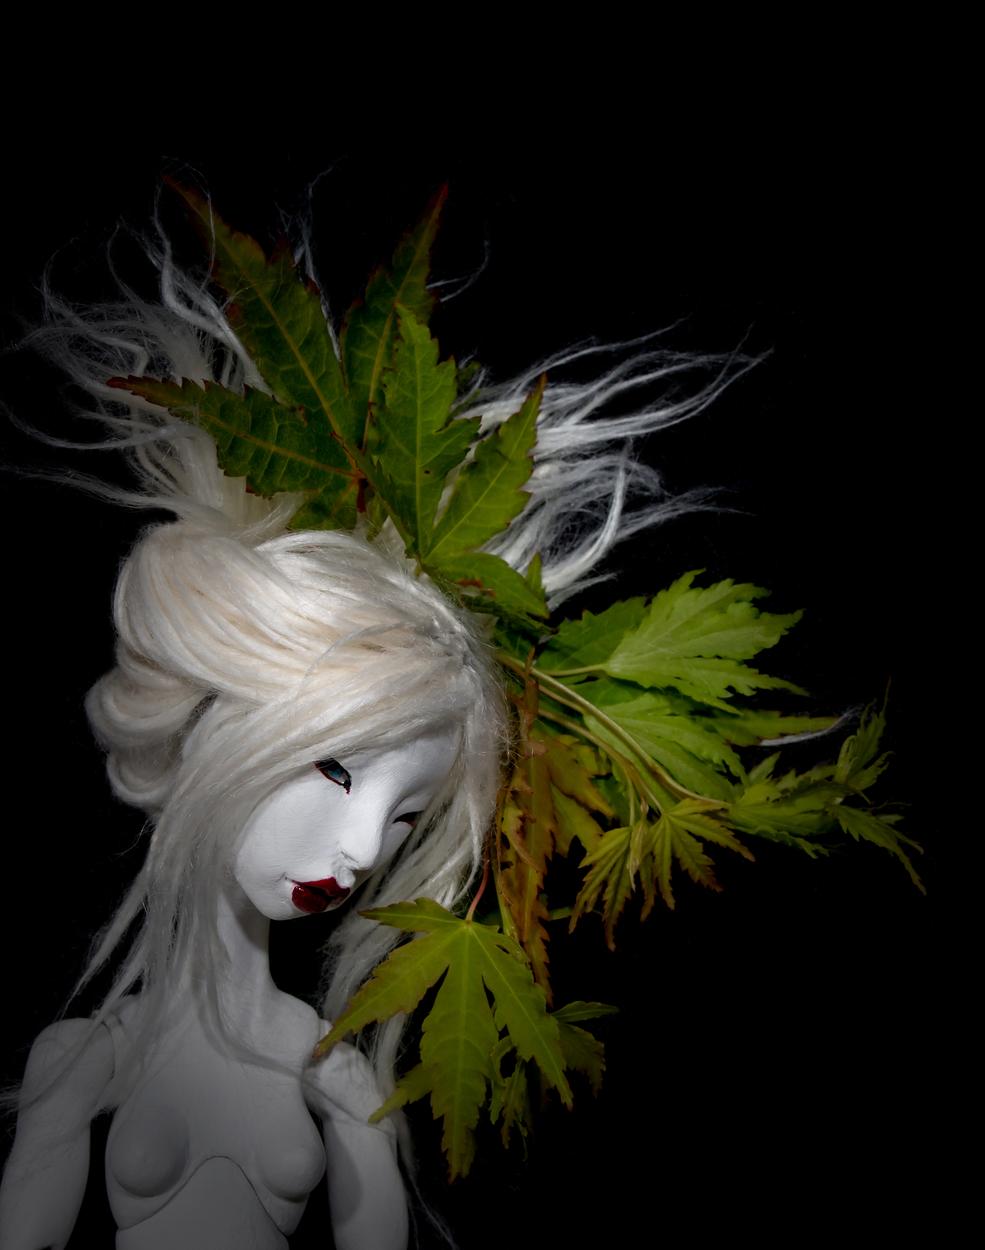 Maple Leaf Artwork by Meagan Lillich